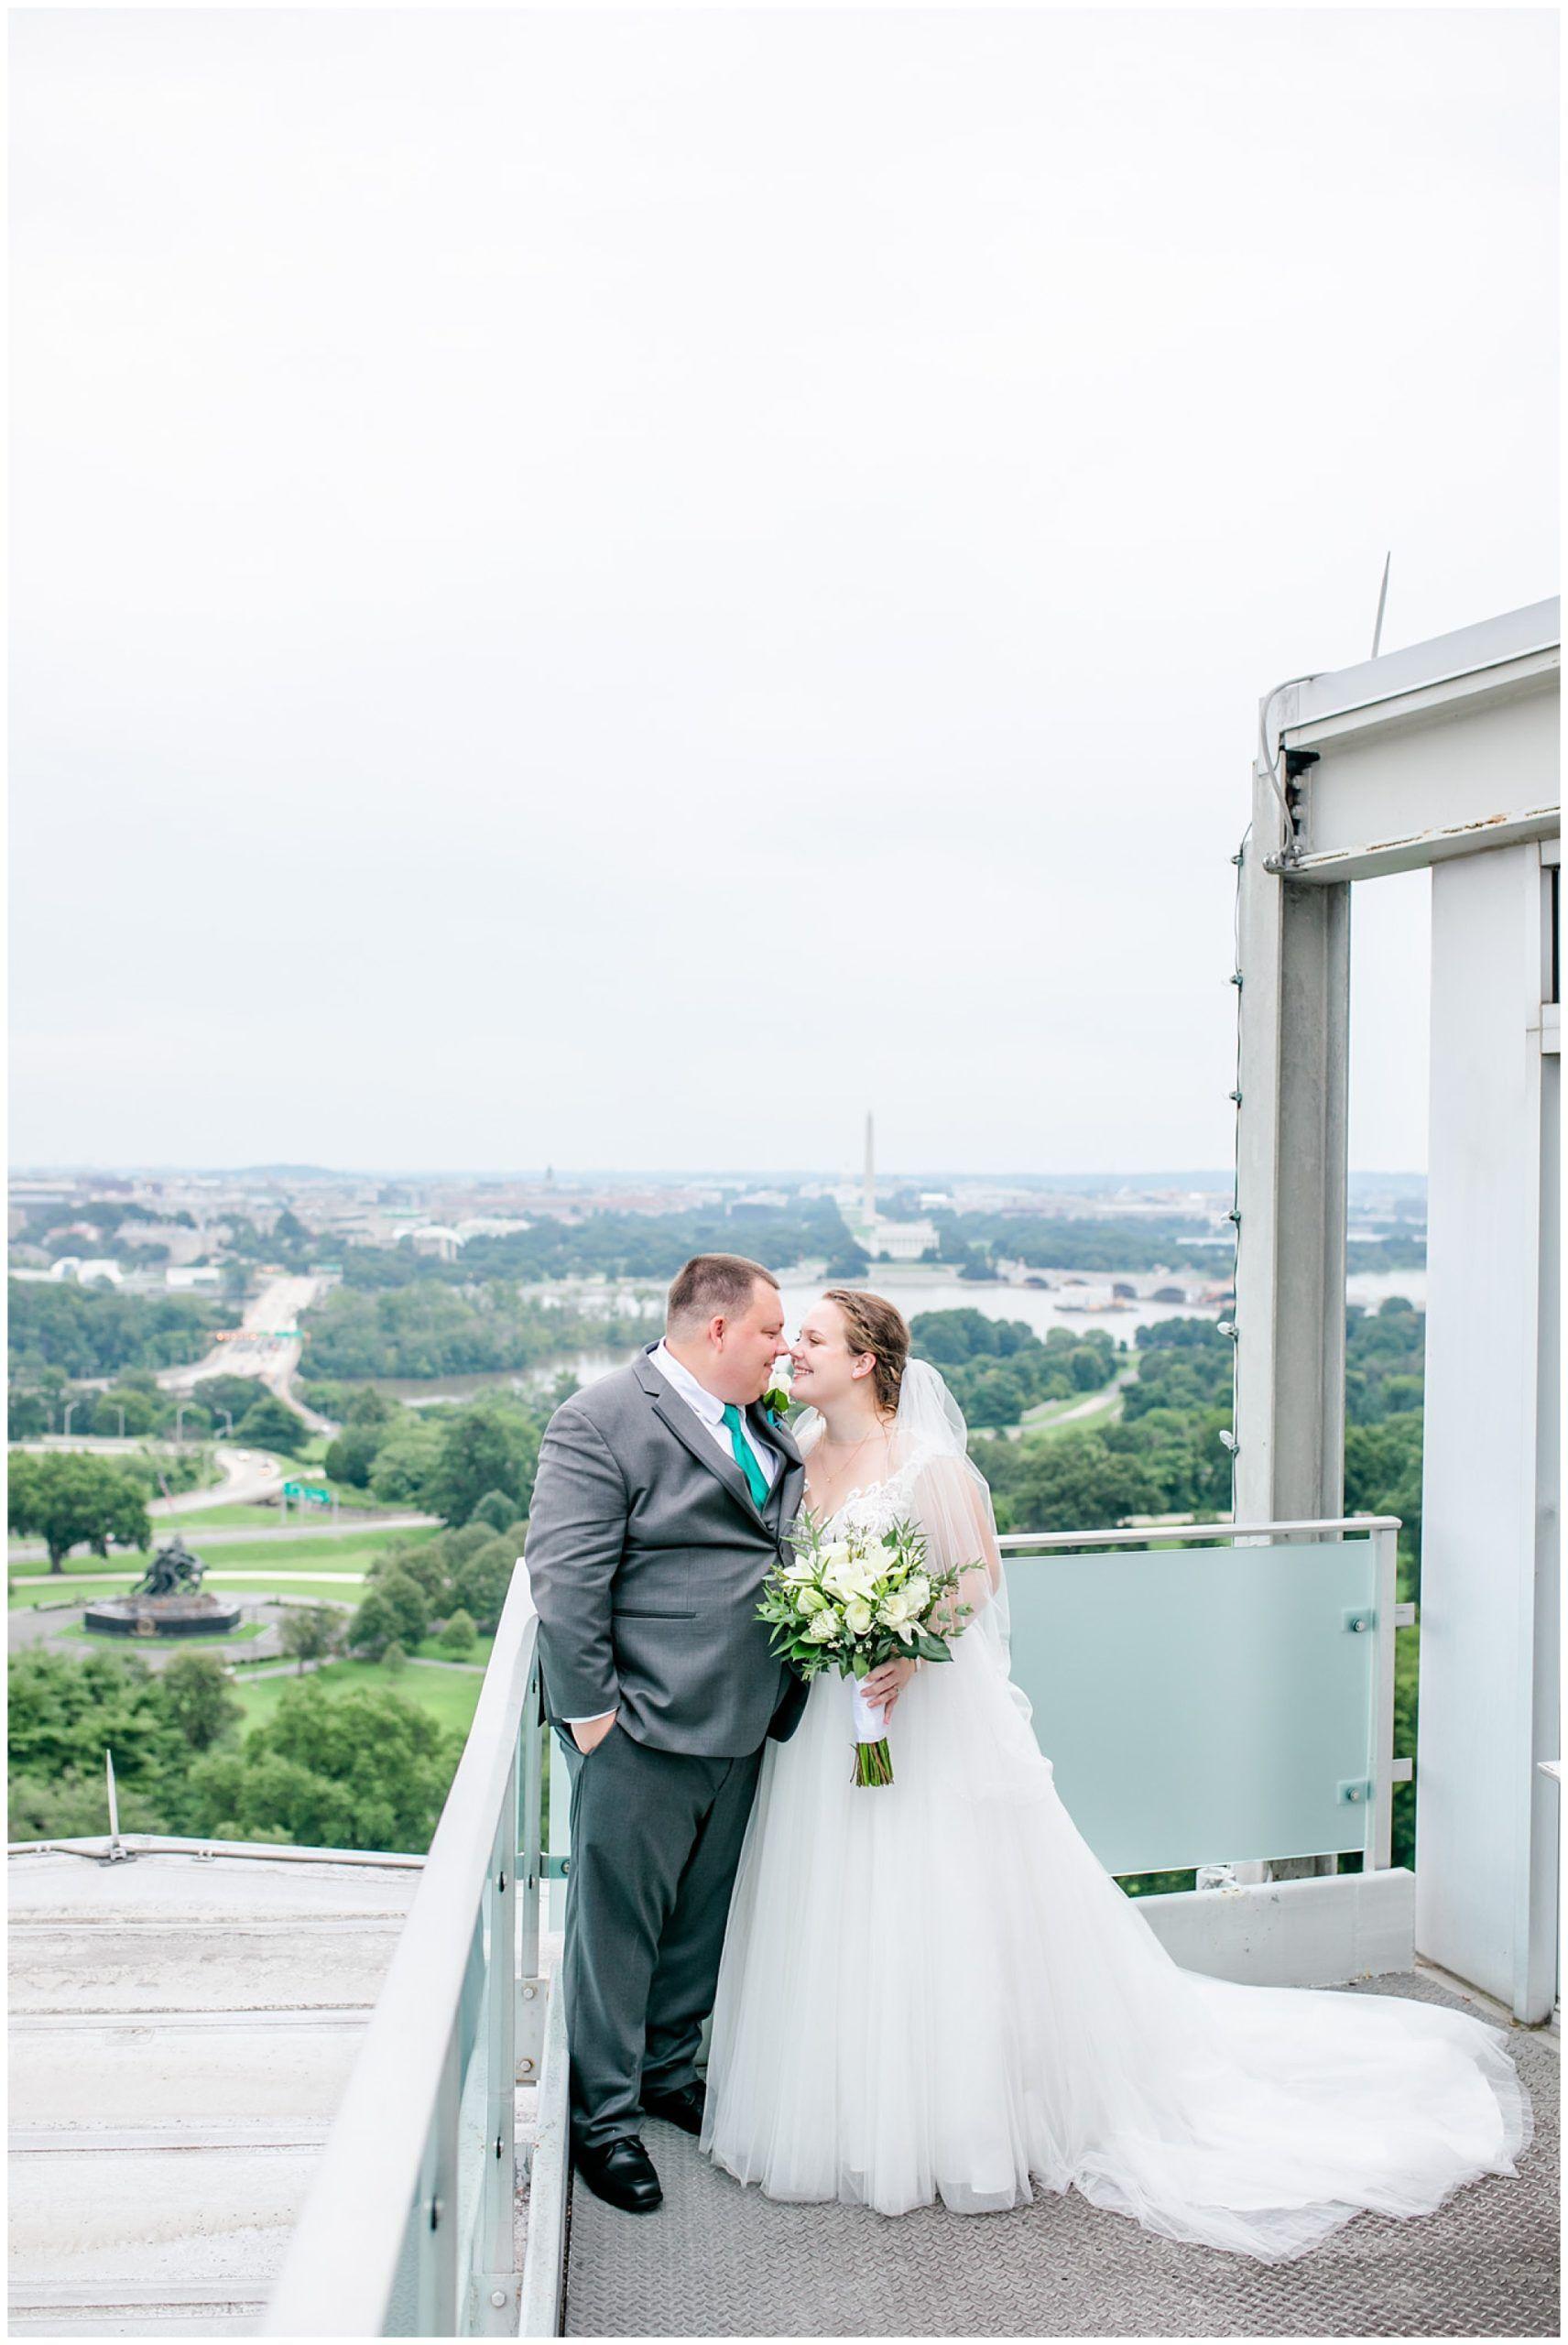 Top Of The Town Wedding In Arlington Virginia Rachel E H Photography In 2020 Dc Wedding Photography Virginia Beach Wedding Beach Wedding Photographer